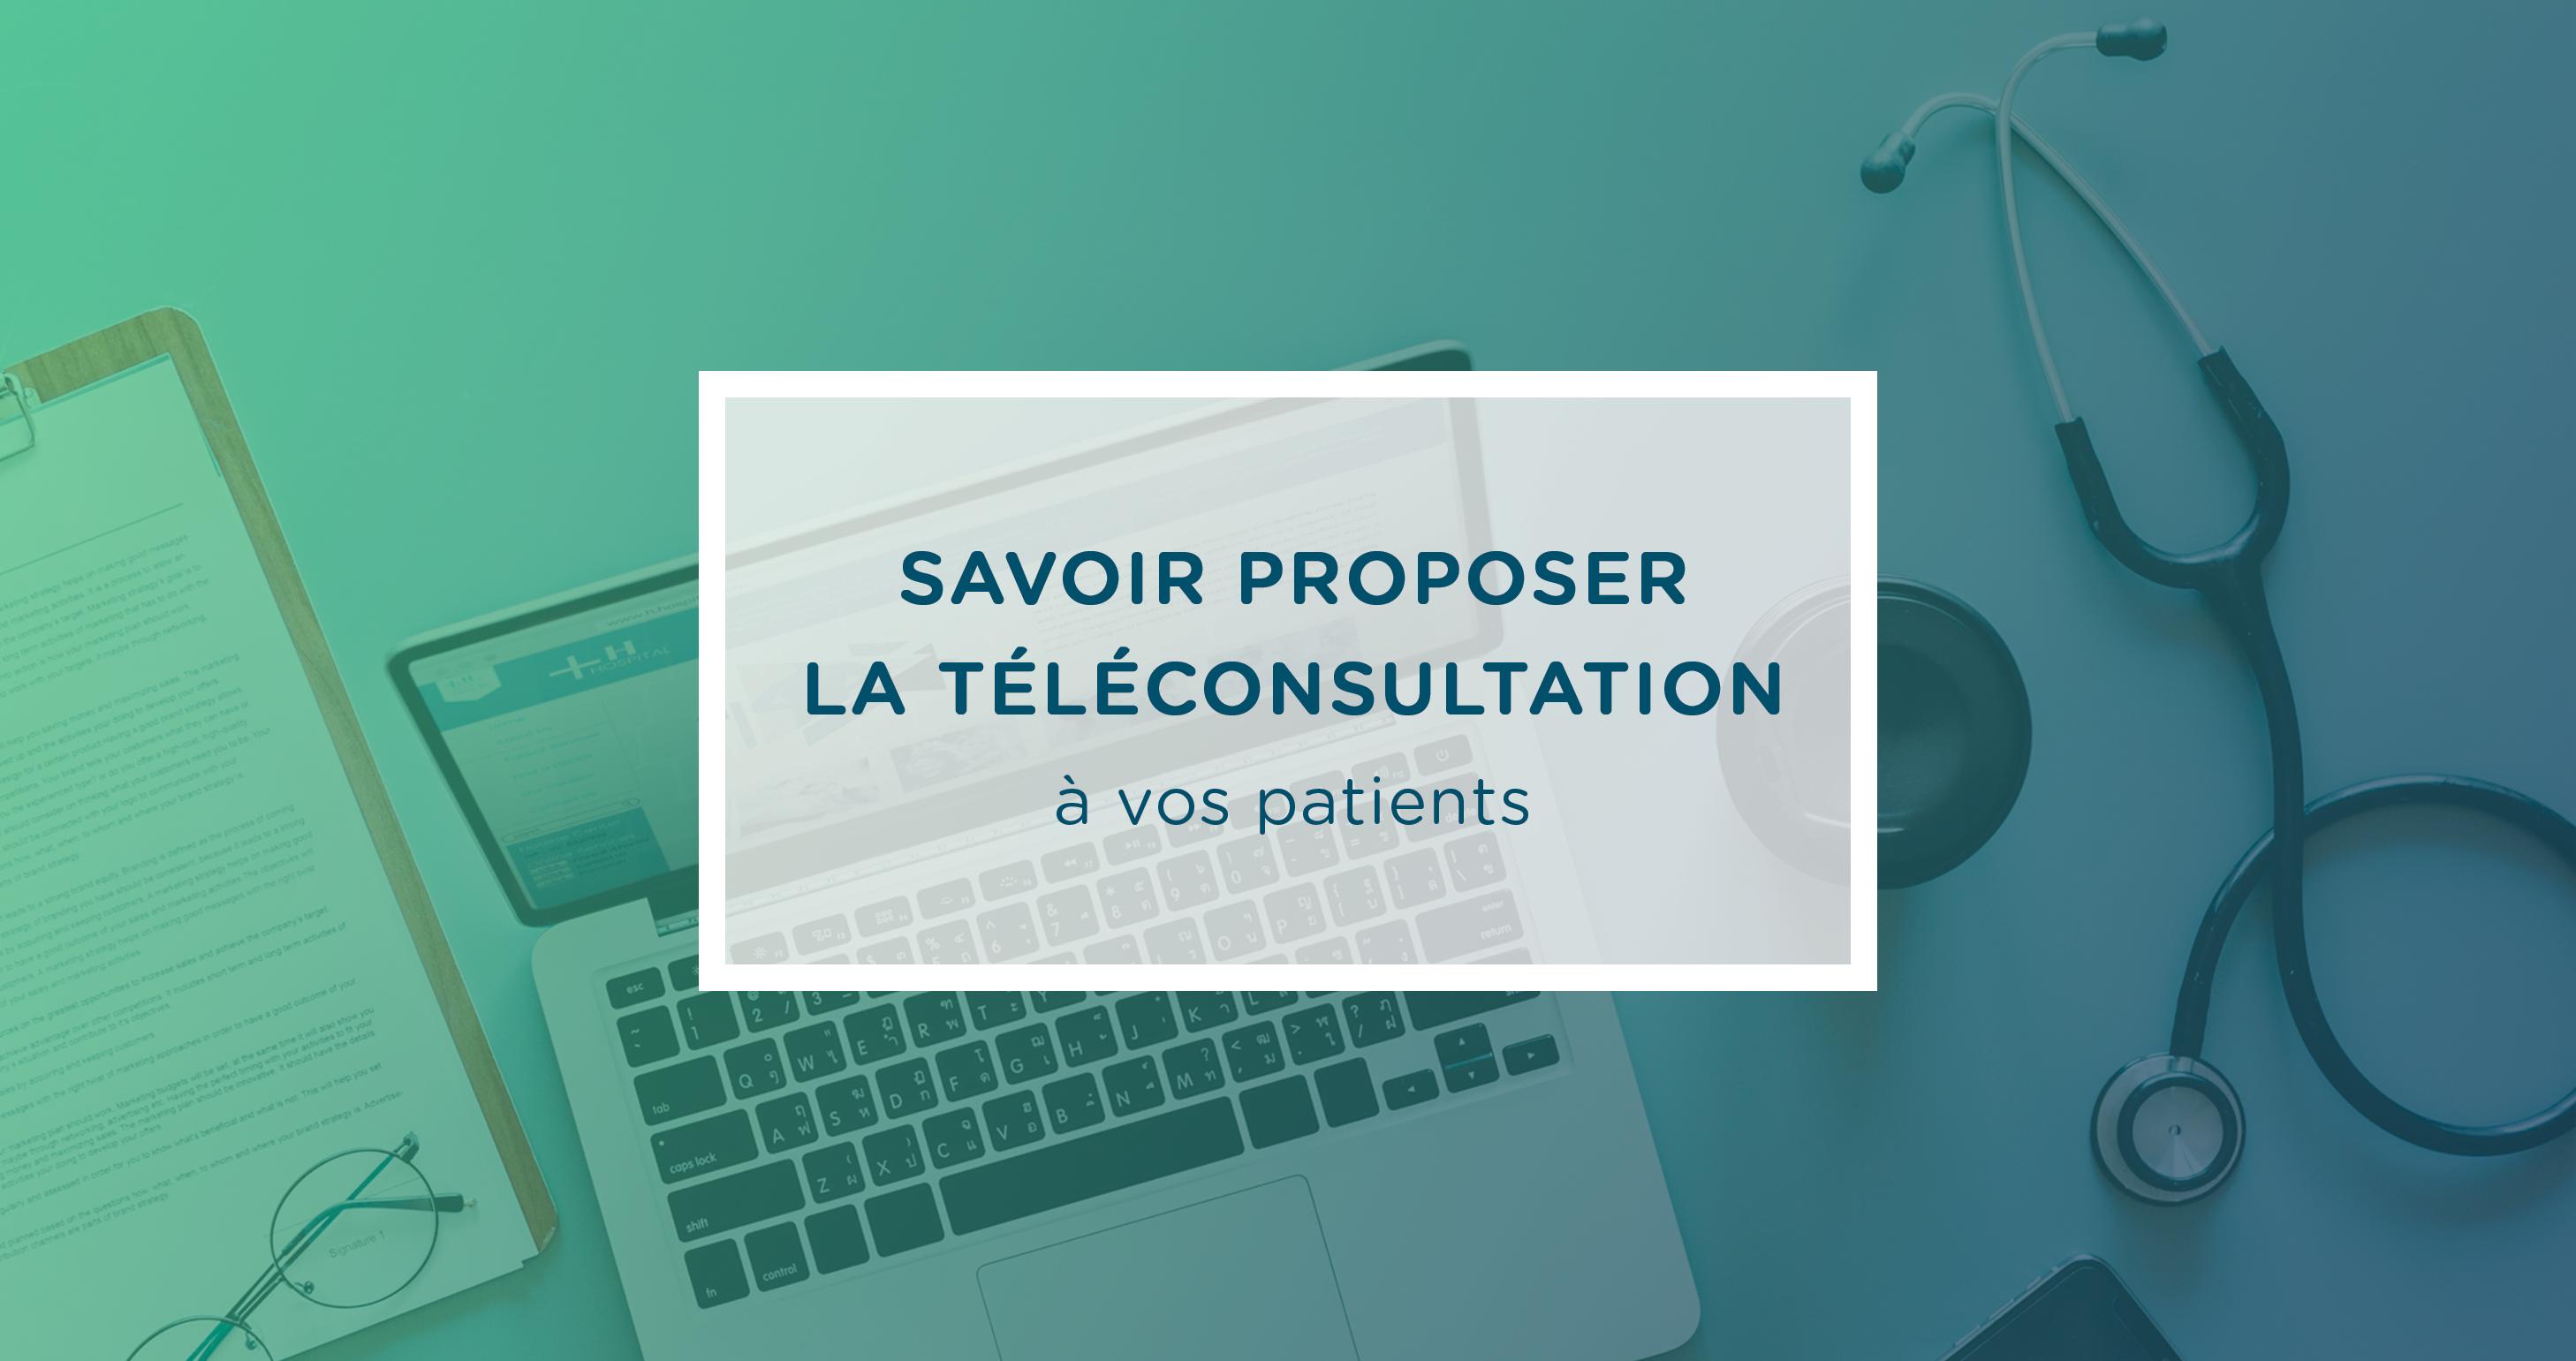 proposer-teleconsultation-patient